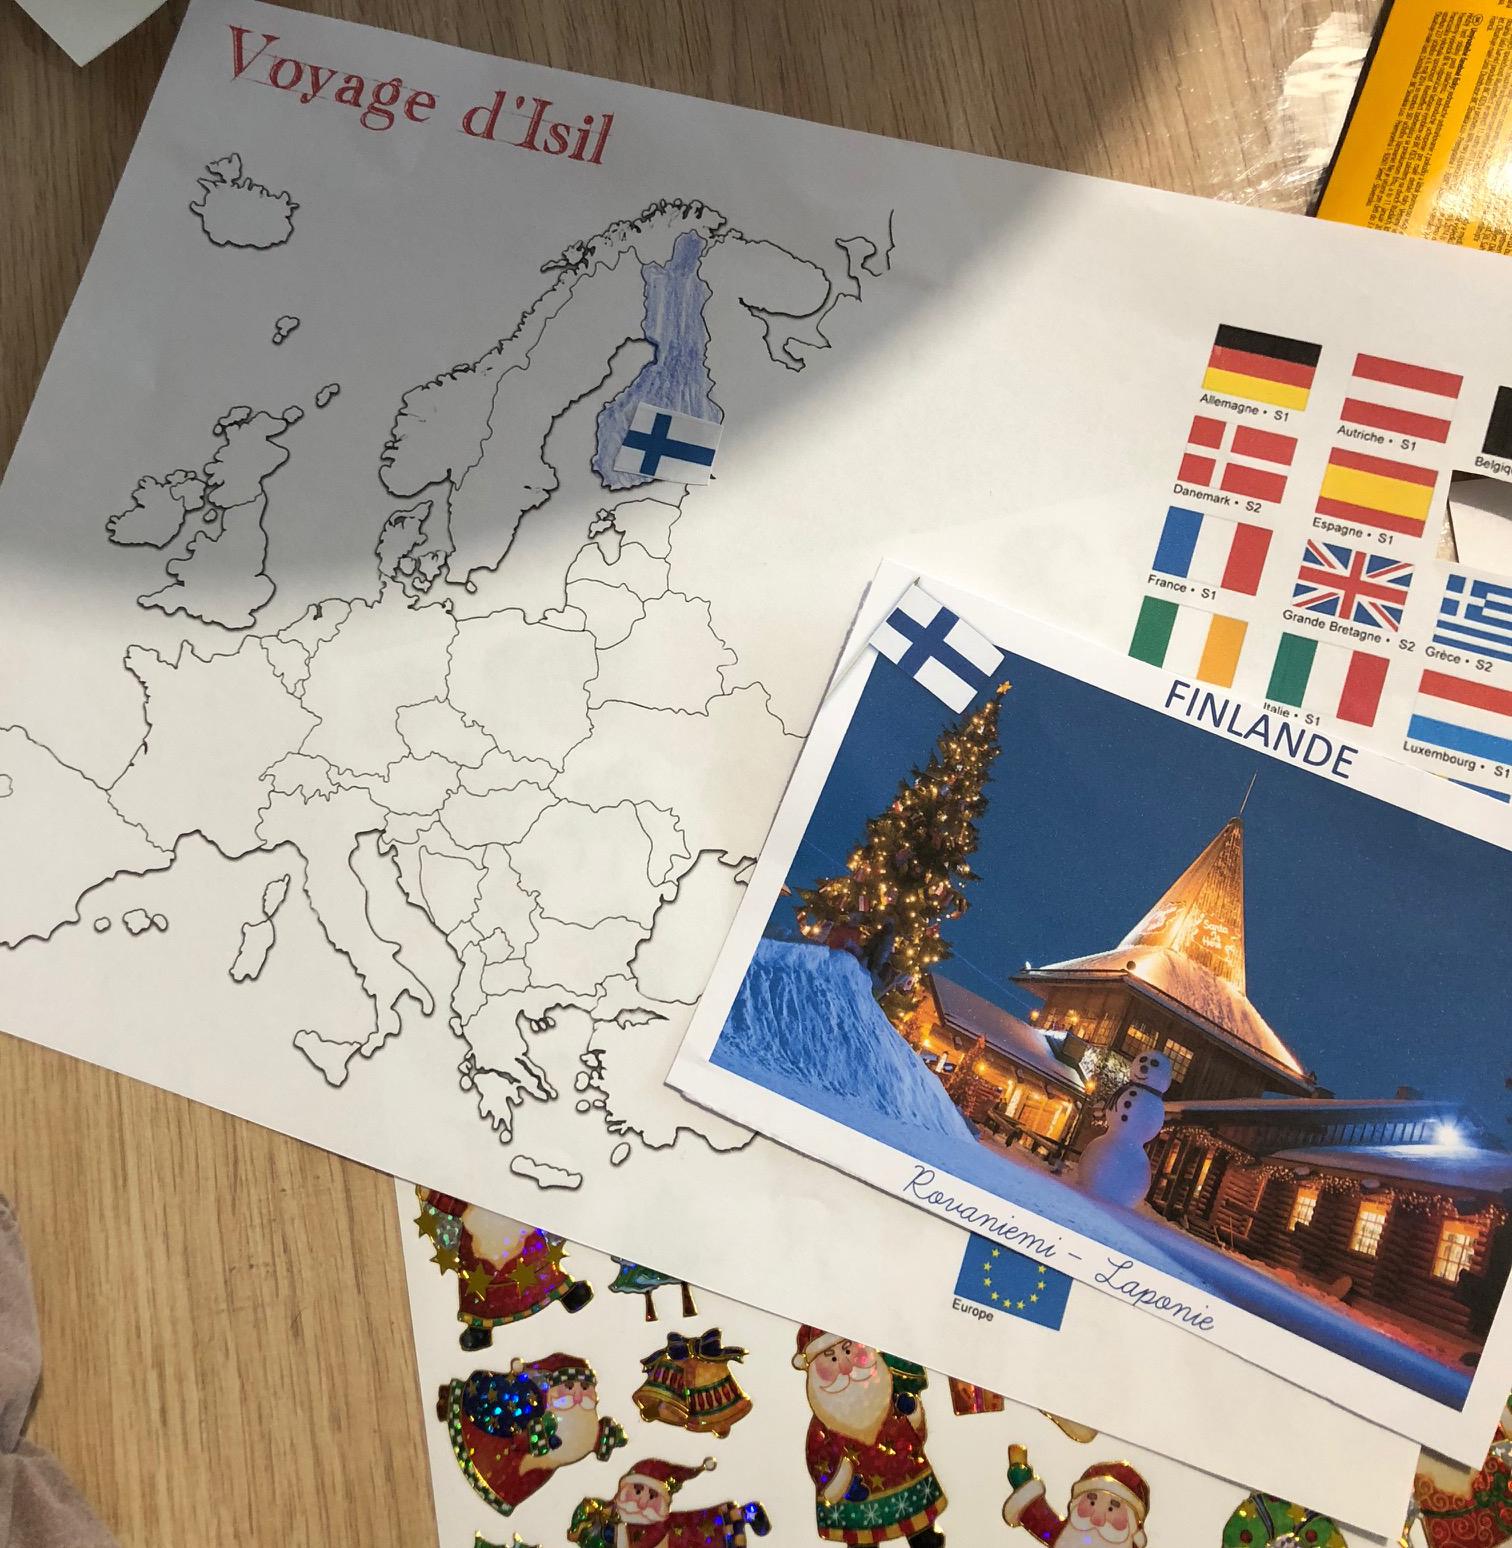 Le voyage du lutin carte Europe